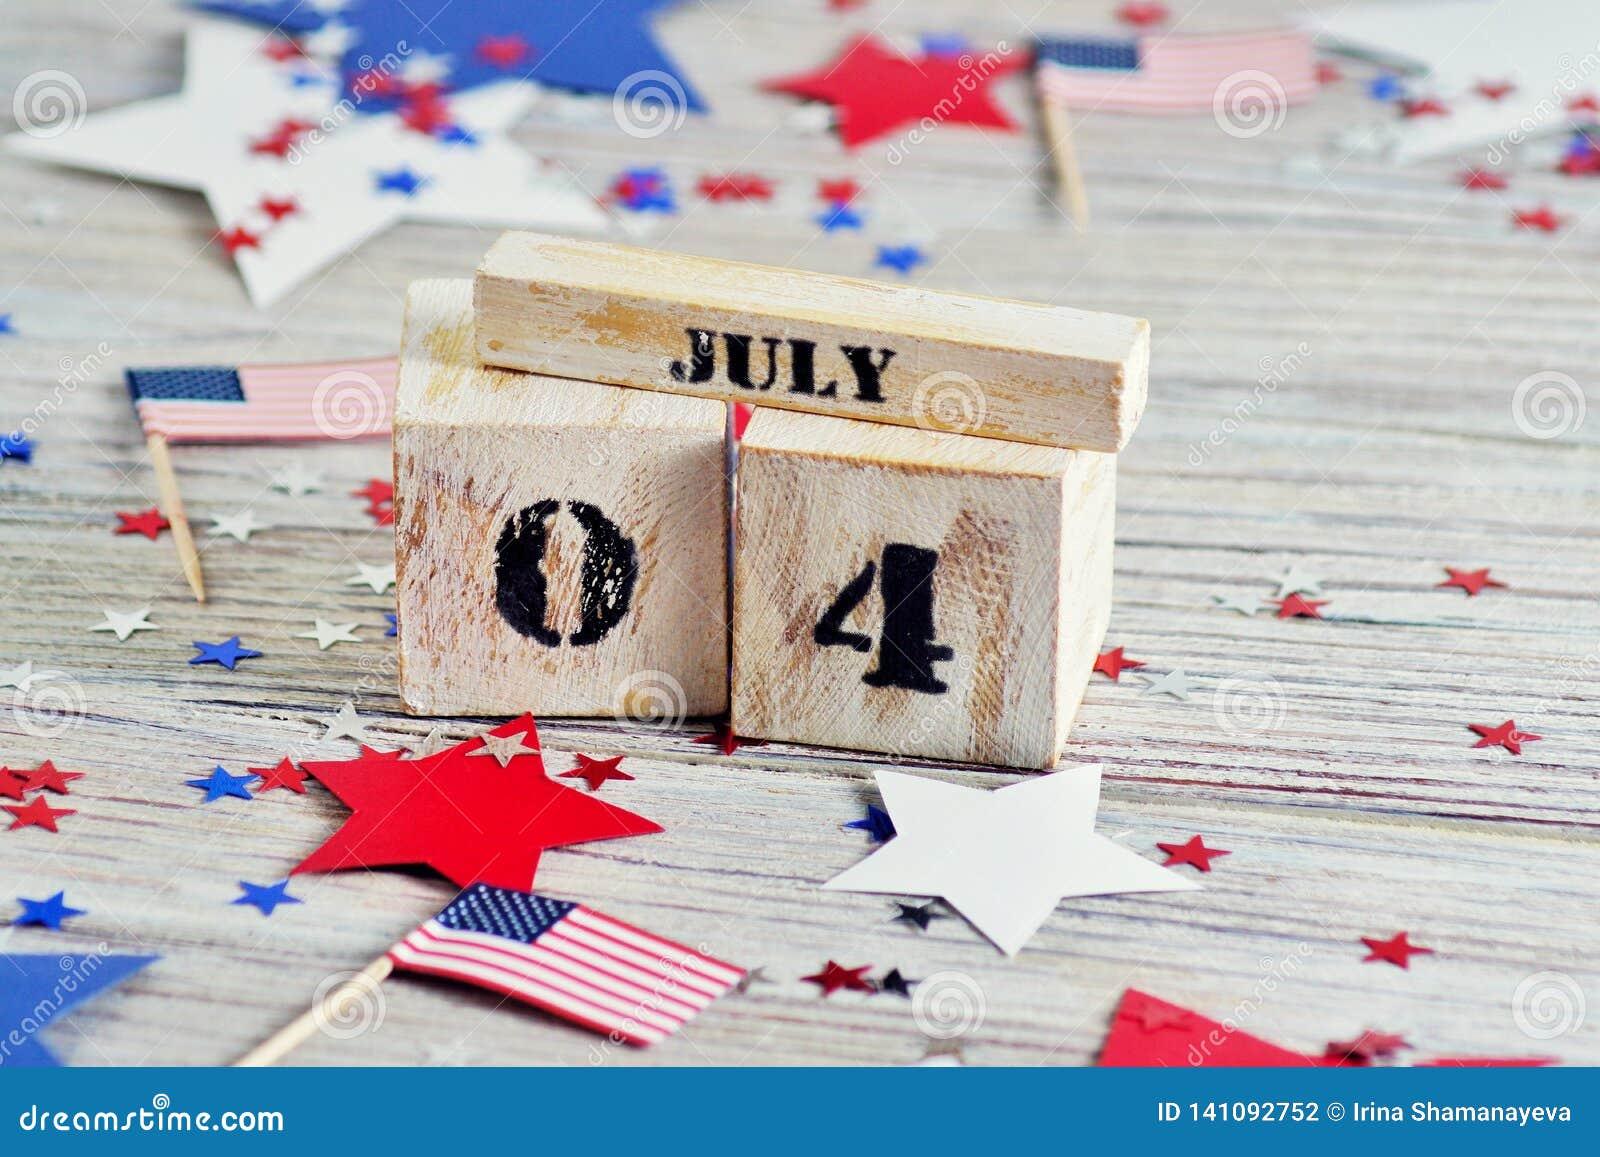 Drewniany kalendarz z datą Lipiec 4, szczęśliwy dzień niepodległości, patriotyzm i pamięć weterani,